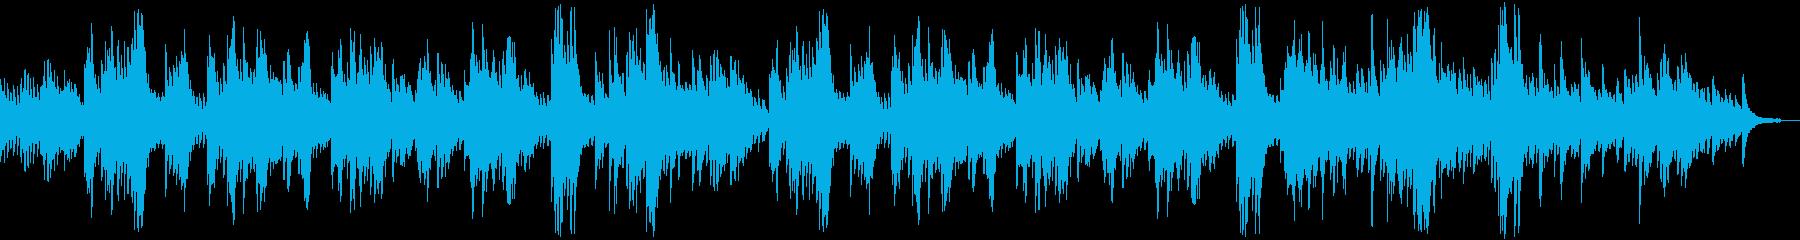 セレナーデ/シューベルト【ピアノソロ】の再生済みの波形